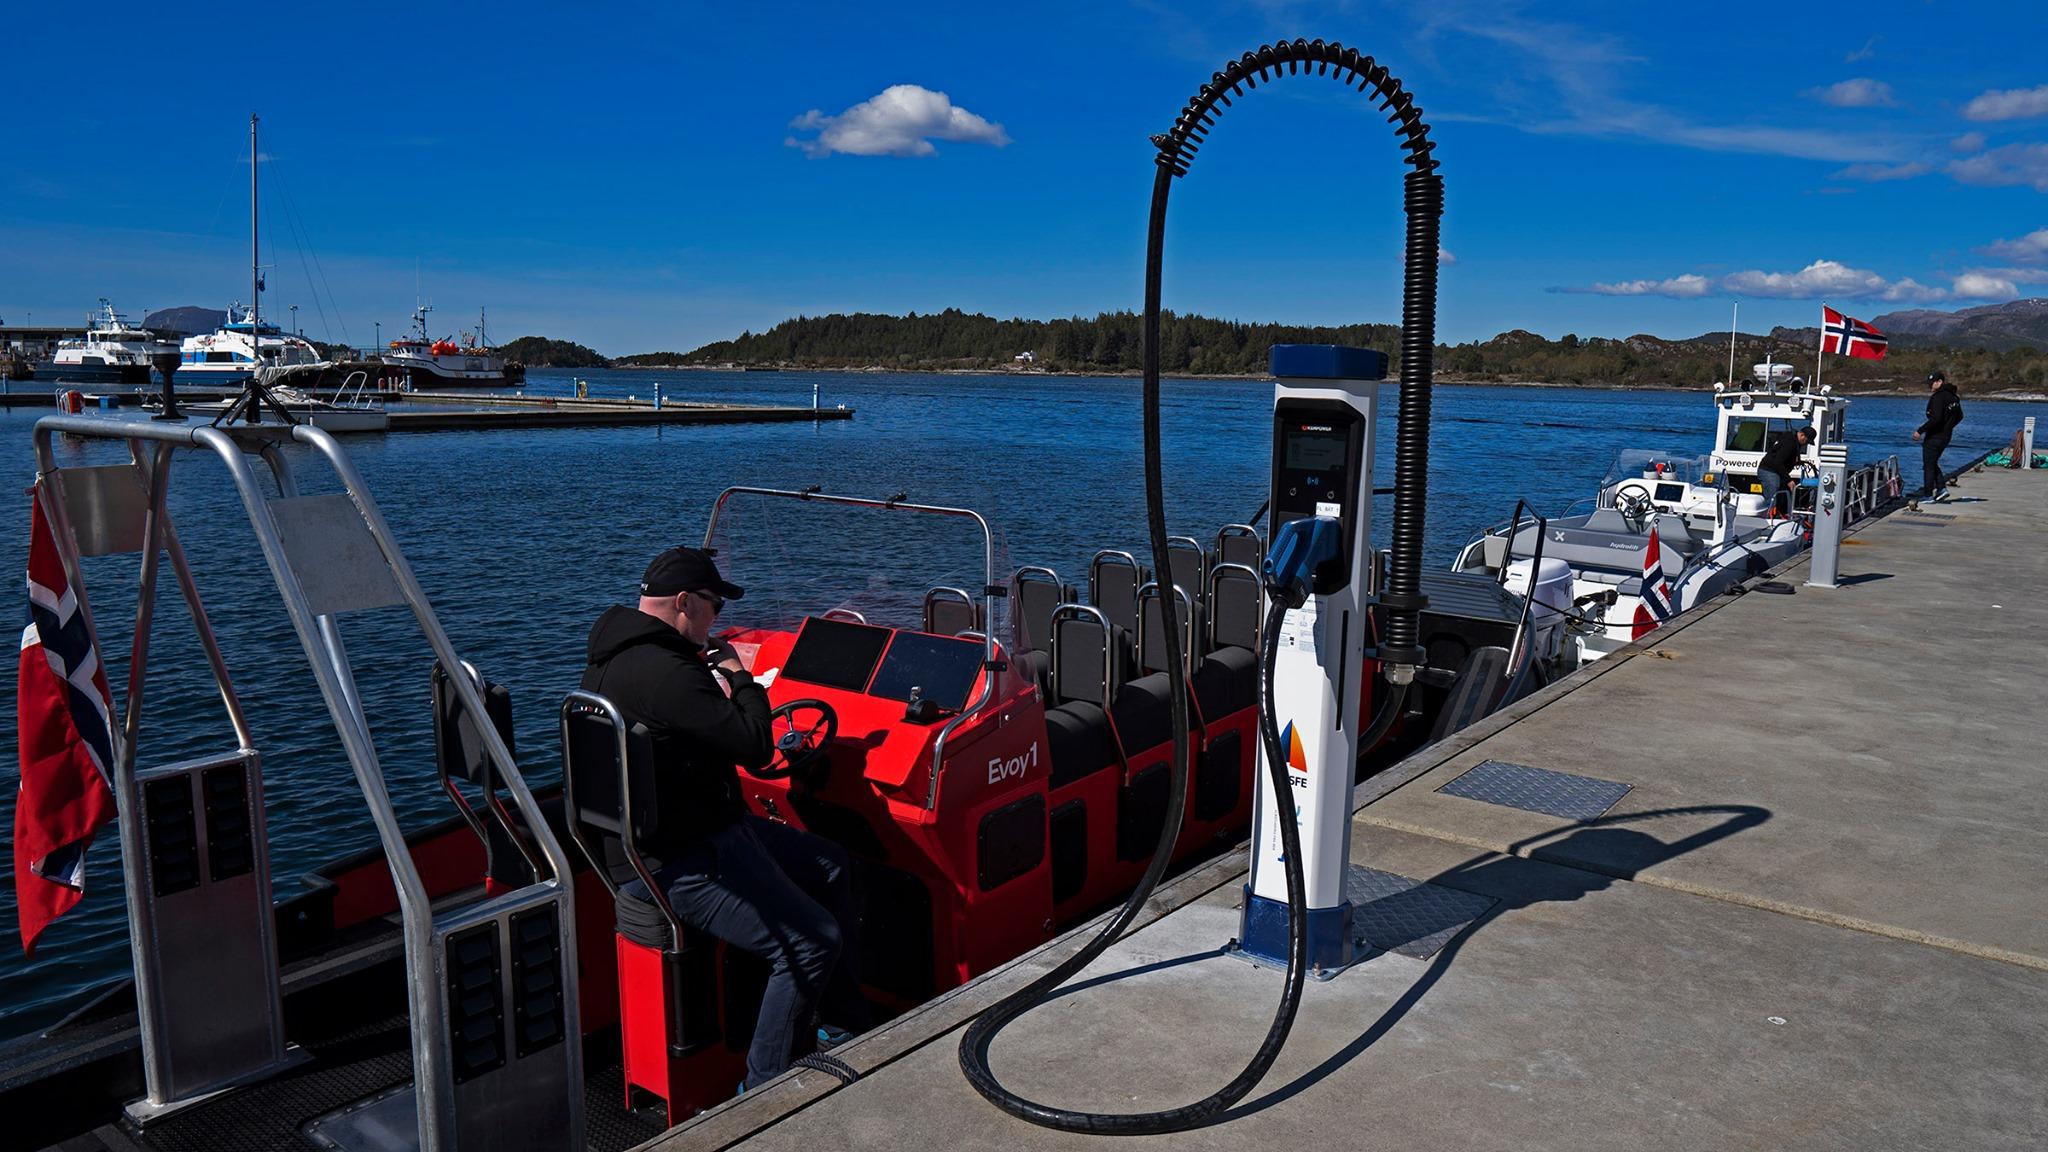 Un réseau de superchargeurs pour bateaux électriques en Norvège